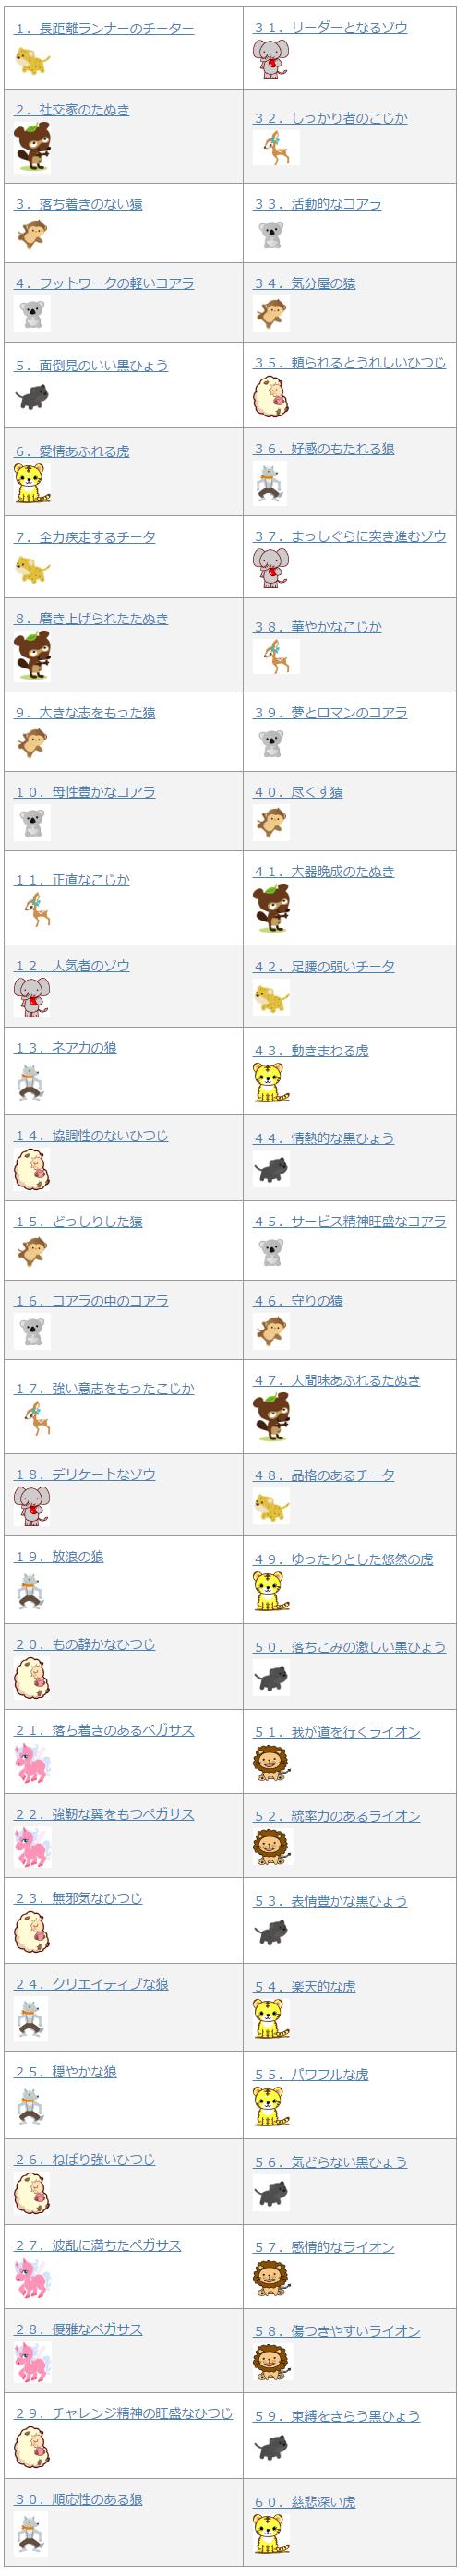 進化版動物の占い キャラクター対応表